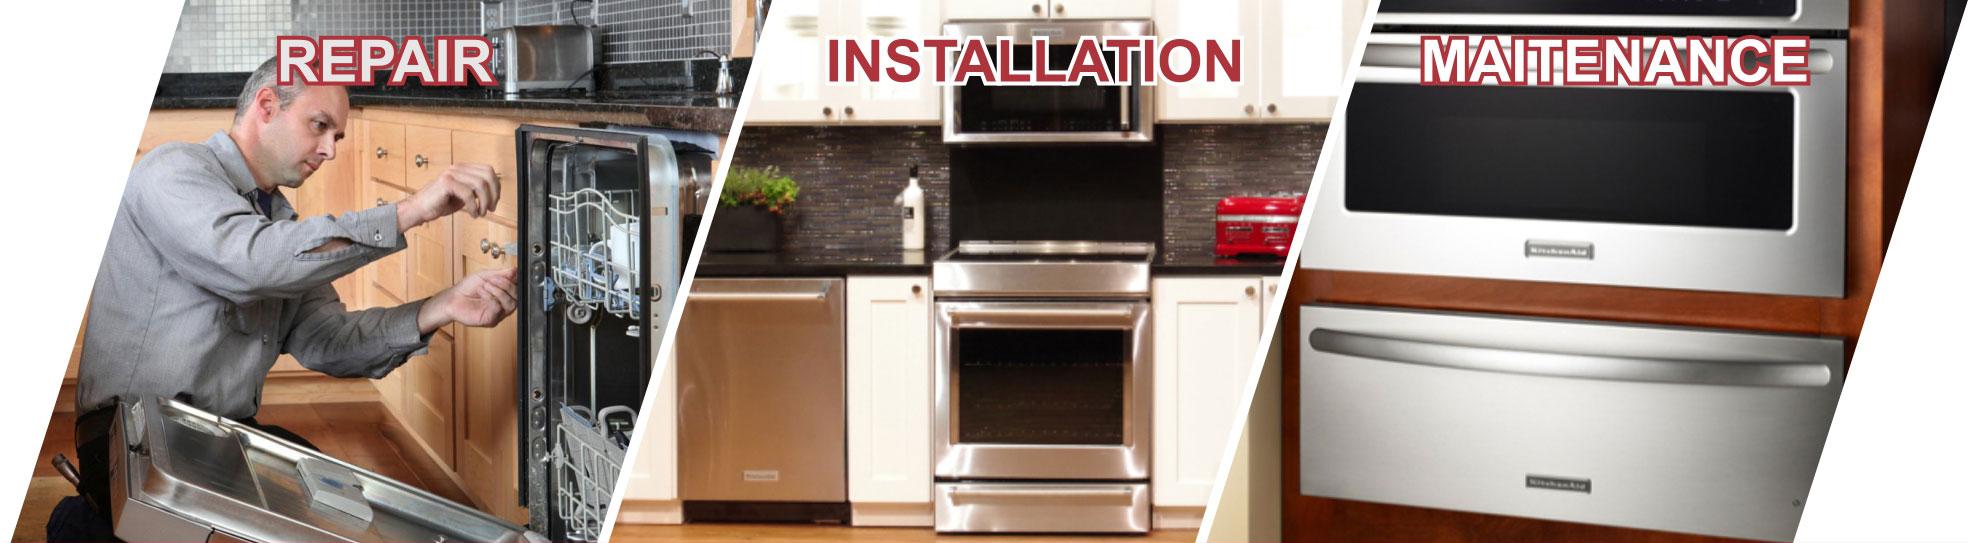 KitchenAid Appliance Repair San Diego